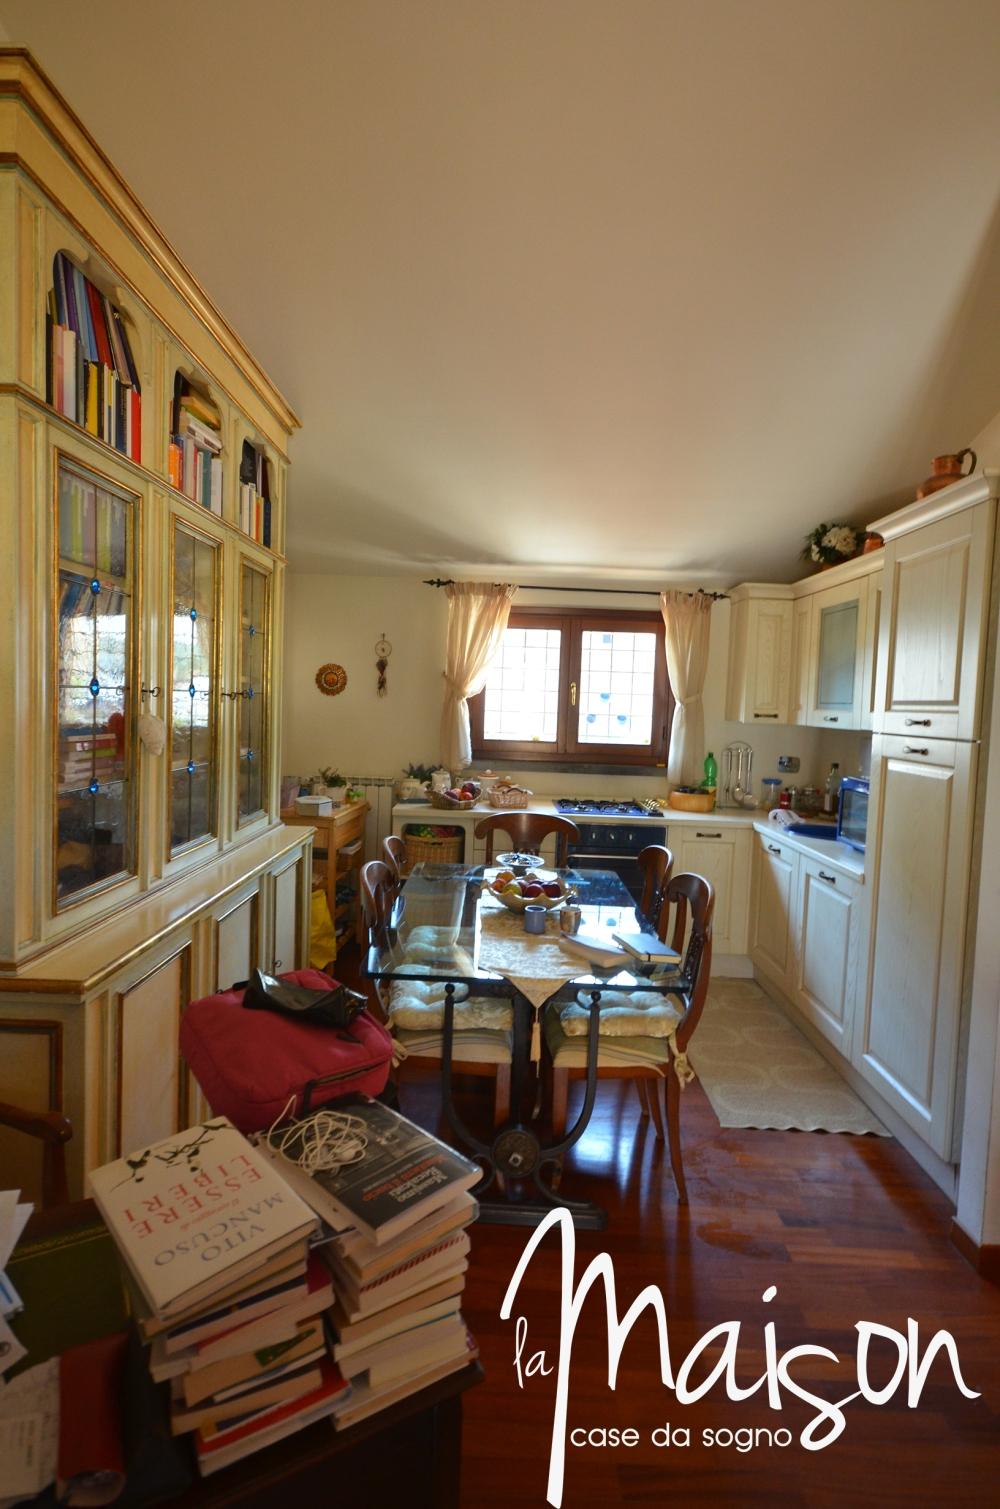 vendesi appartamdento prato san martino coiano bilocale 2 vani con garage agenzia immobiliare la maison case da sogno studio immobiliare santa lucia prato3